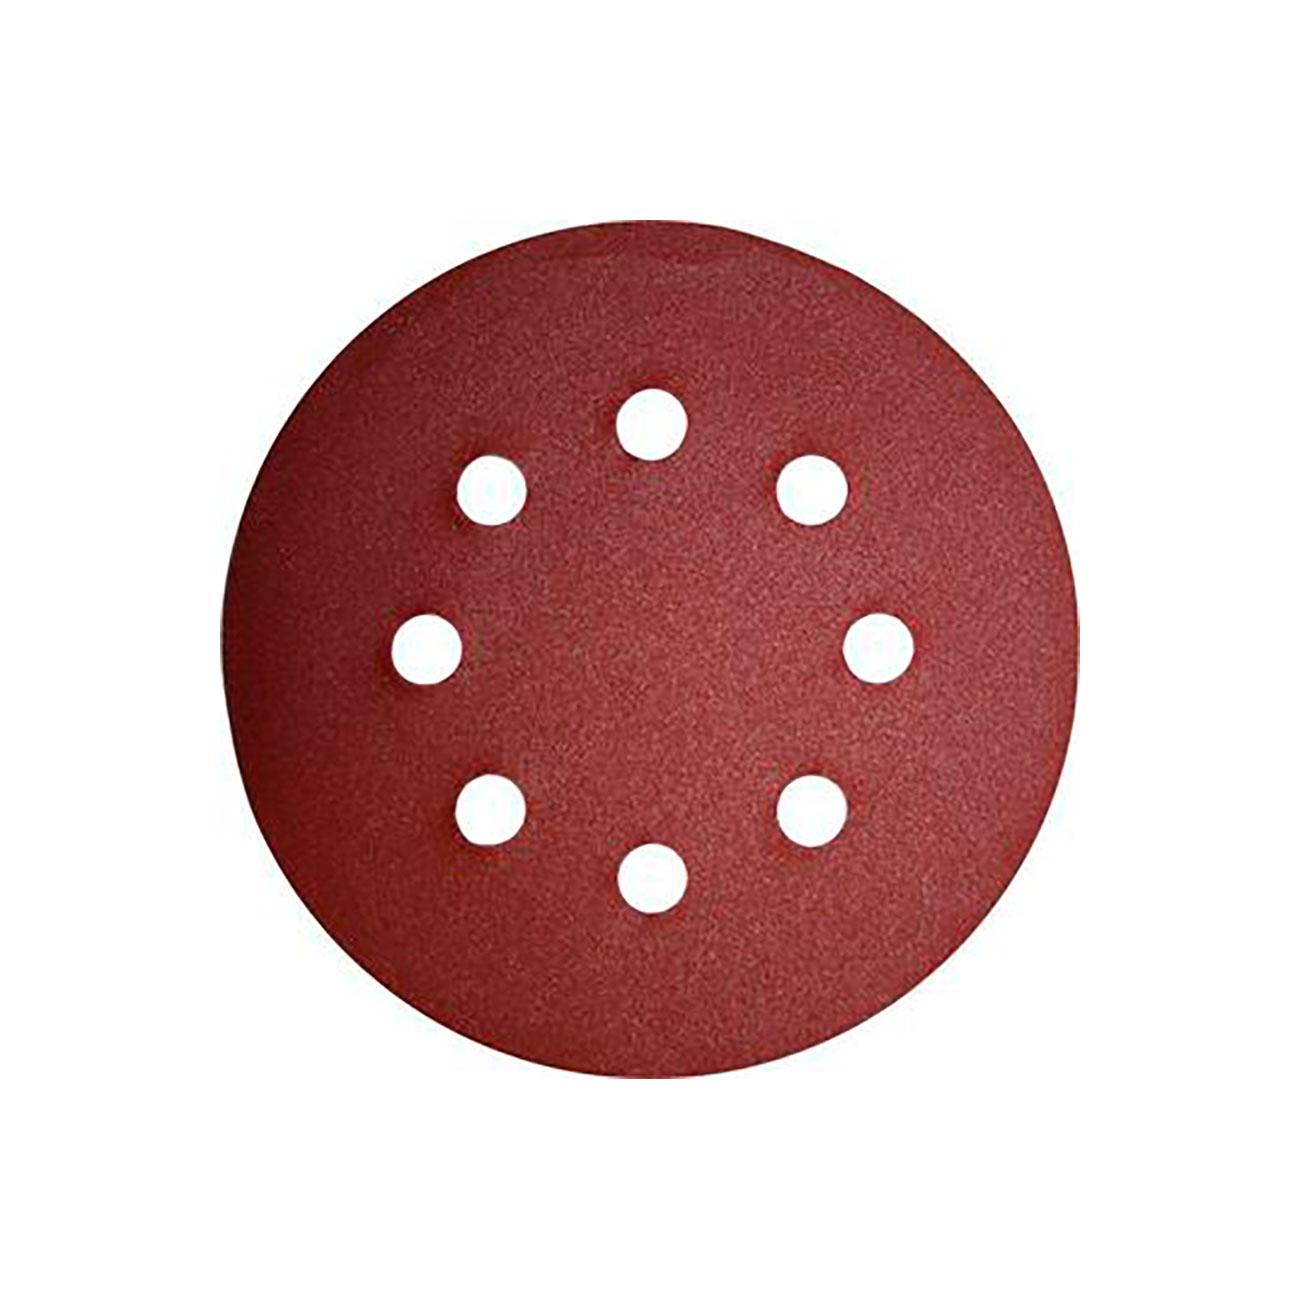 Фото Шлифовальные круги Практика Профи, на липкой основе, Р80, для металла и дерева, 8 отверстий, 125 мм (25 шт) {034-175}